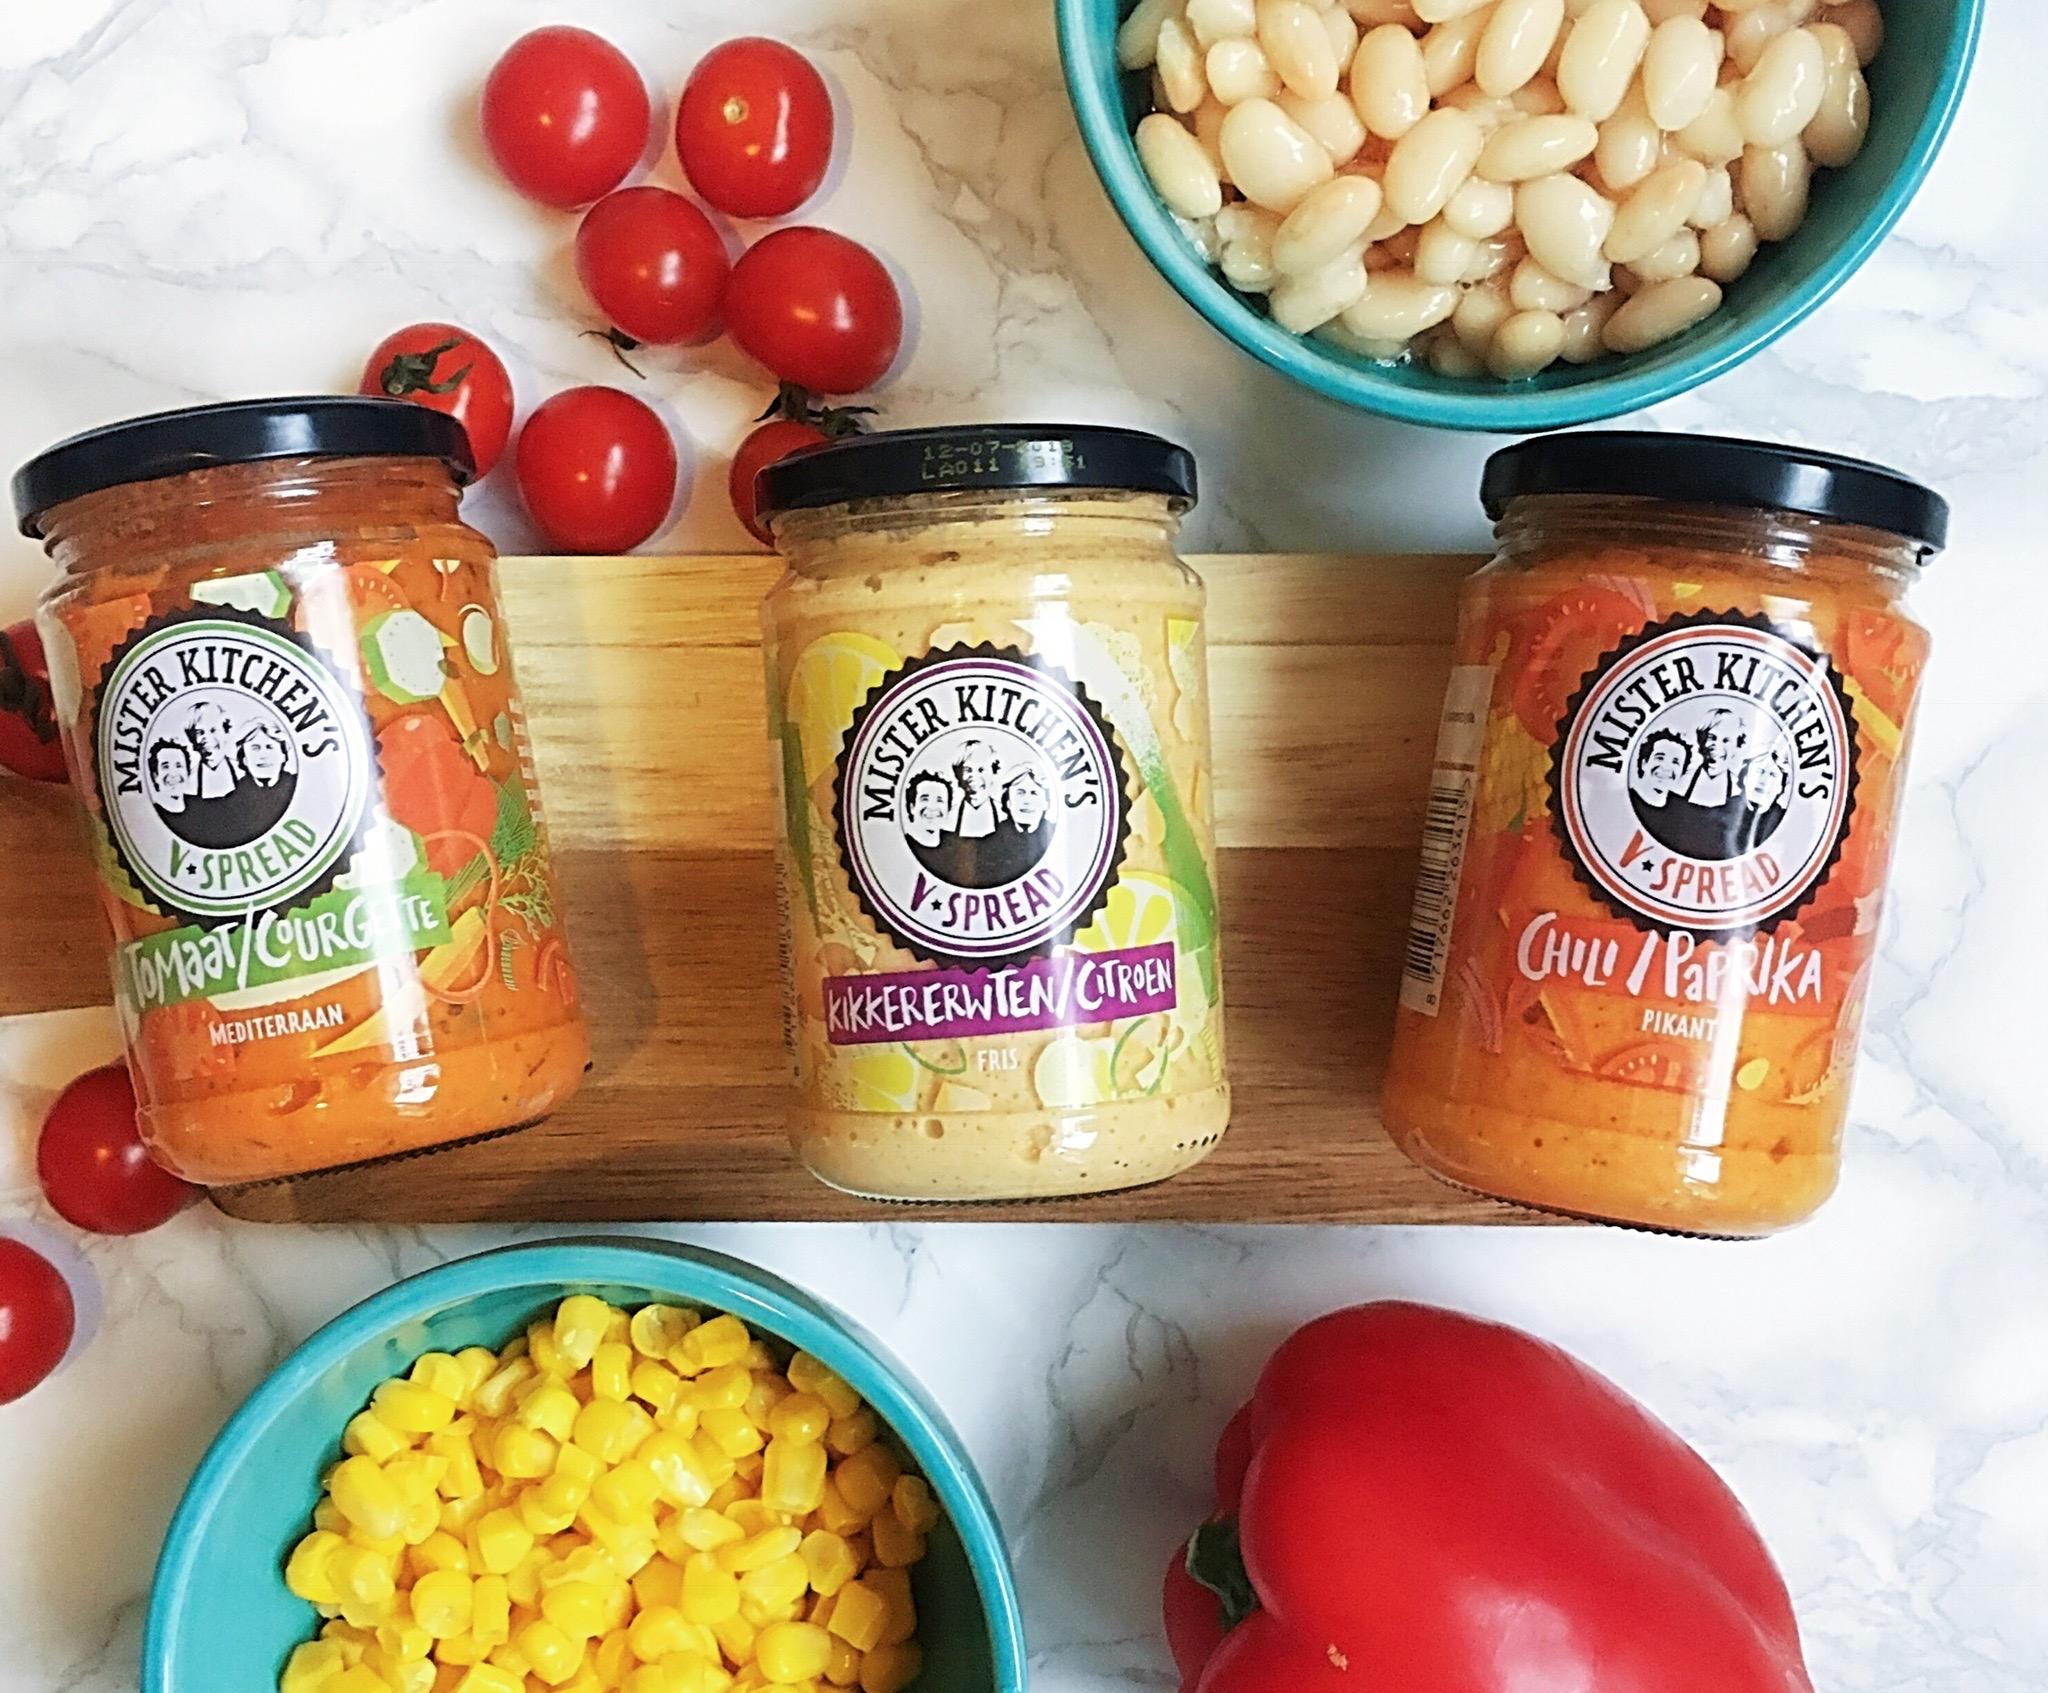 V Spread De Heerlijke Veganistische Groentespreads Van Mister Kitchen